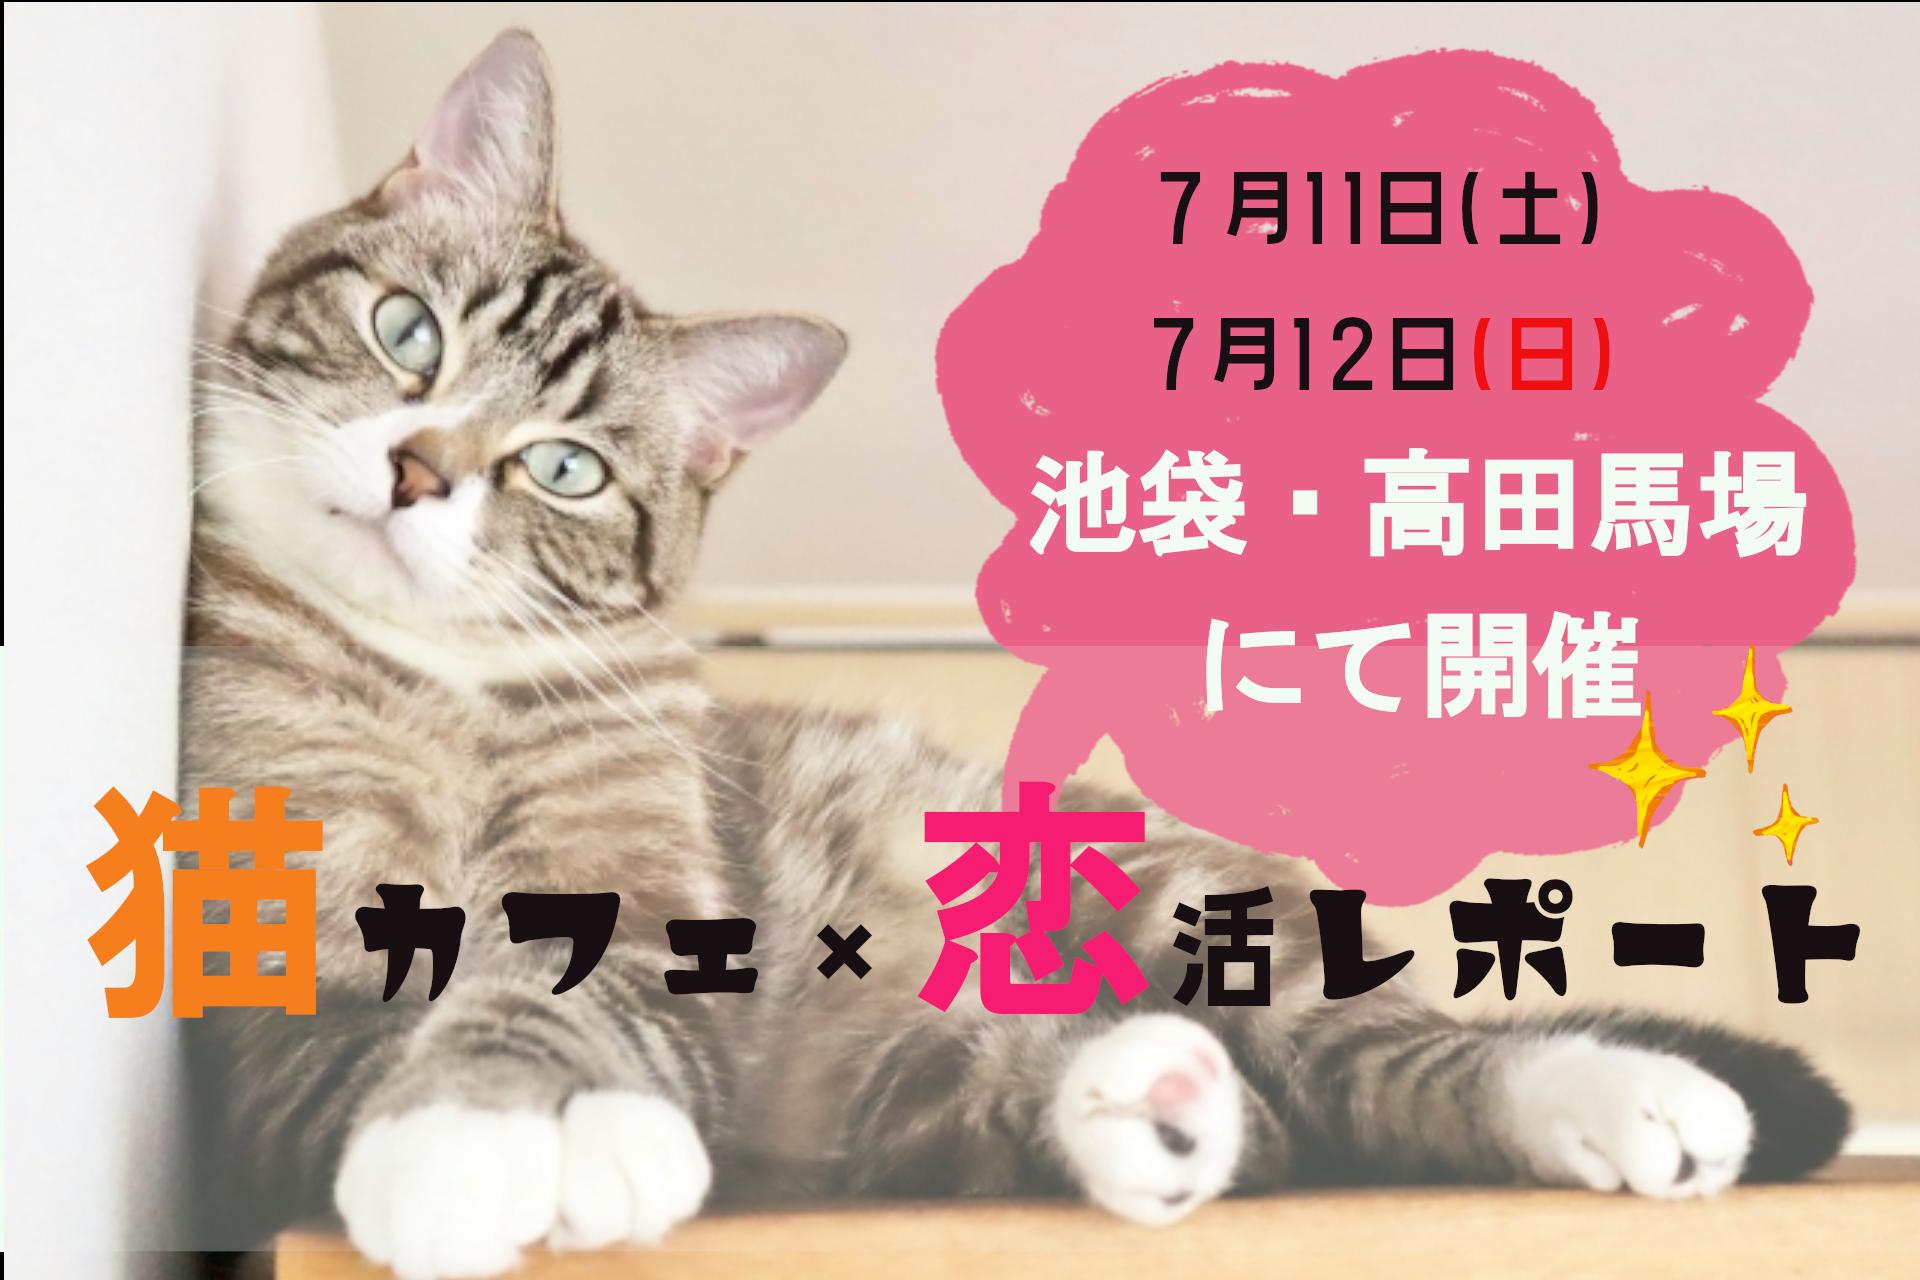 7月11(土)7月12日(日)高田馬場・池袋で開催🐱猫カフェ×恋活コン💓のサムネイル